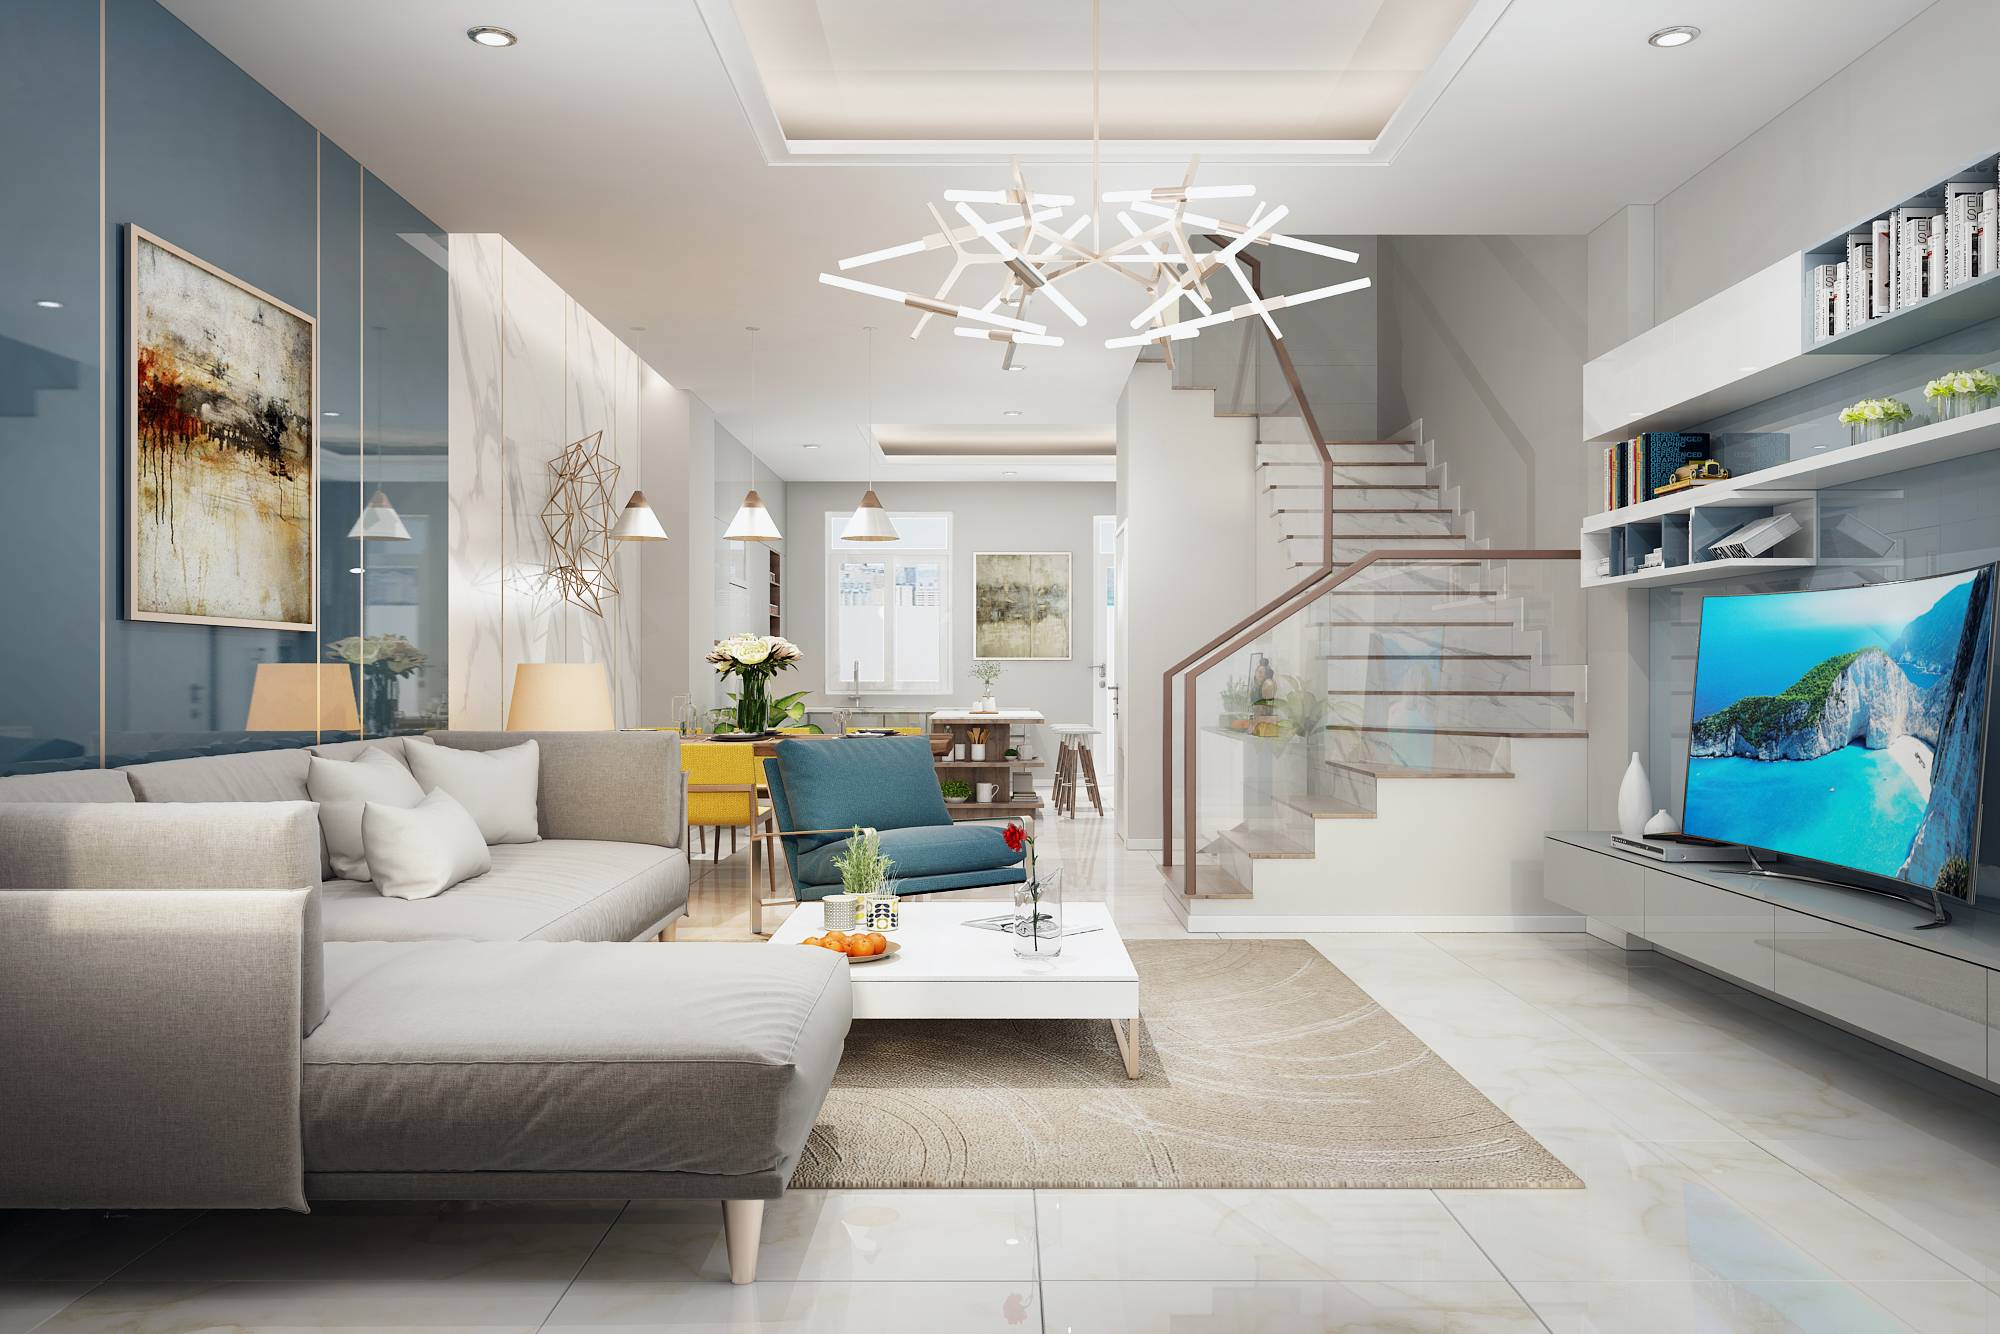 thiết kế nội thất nhà phố lakeview